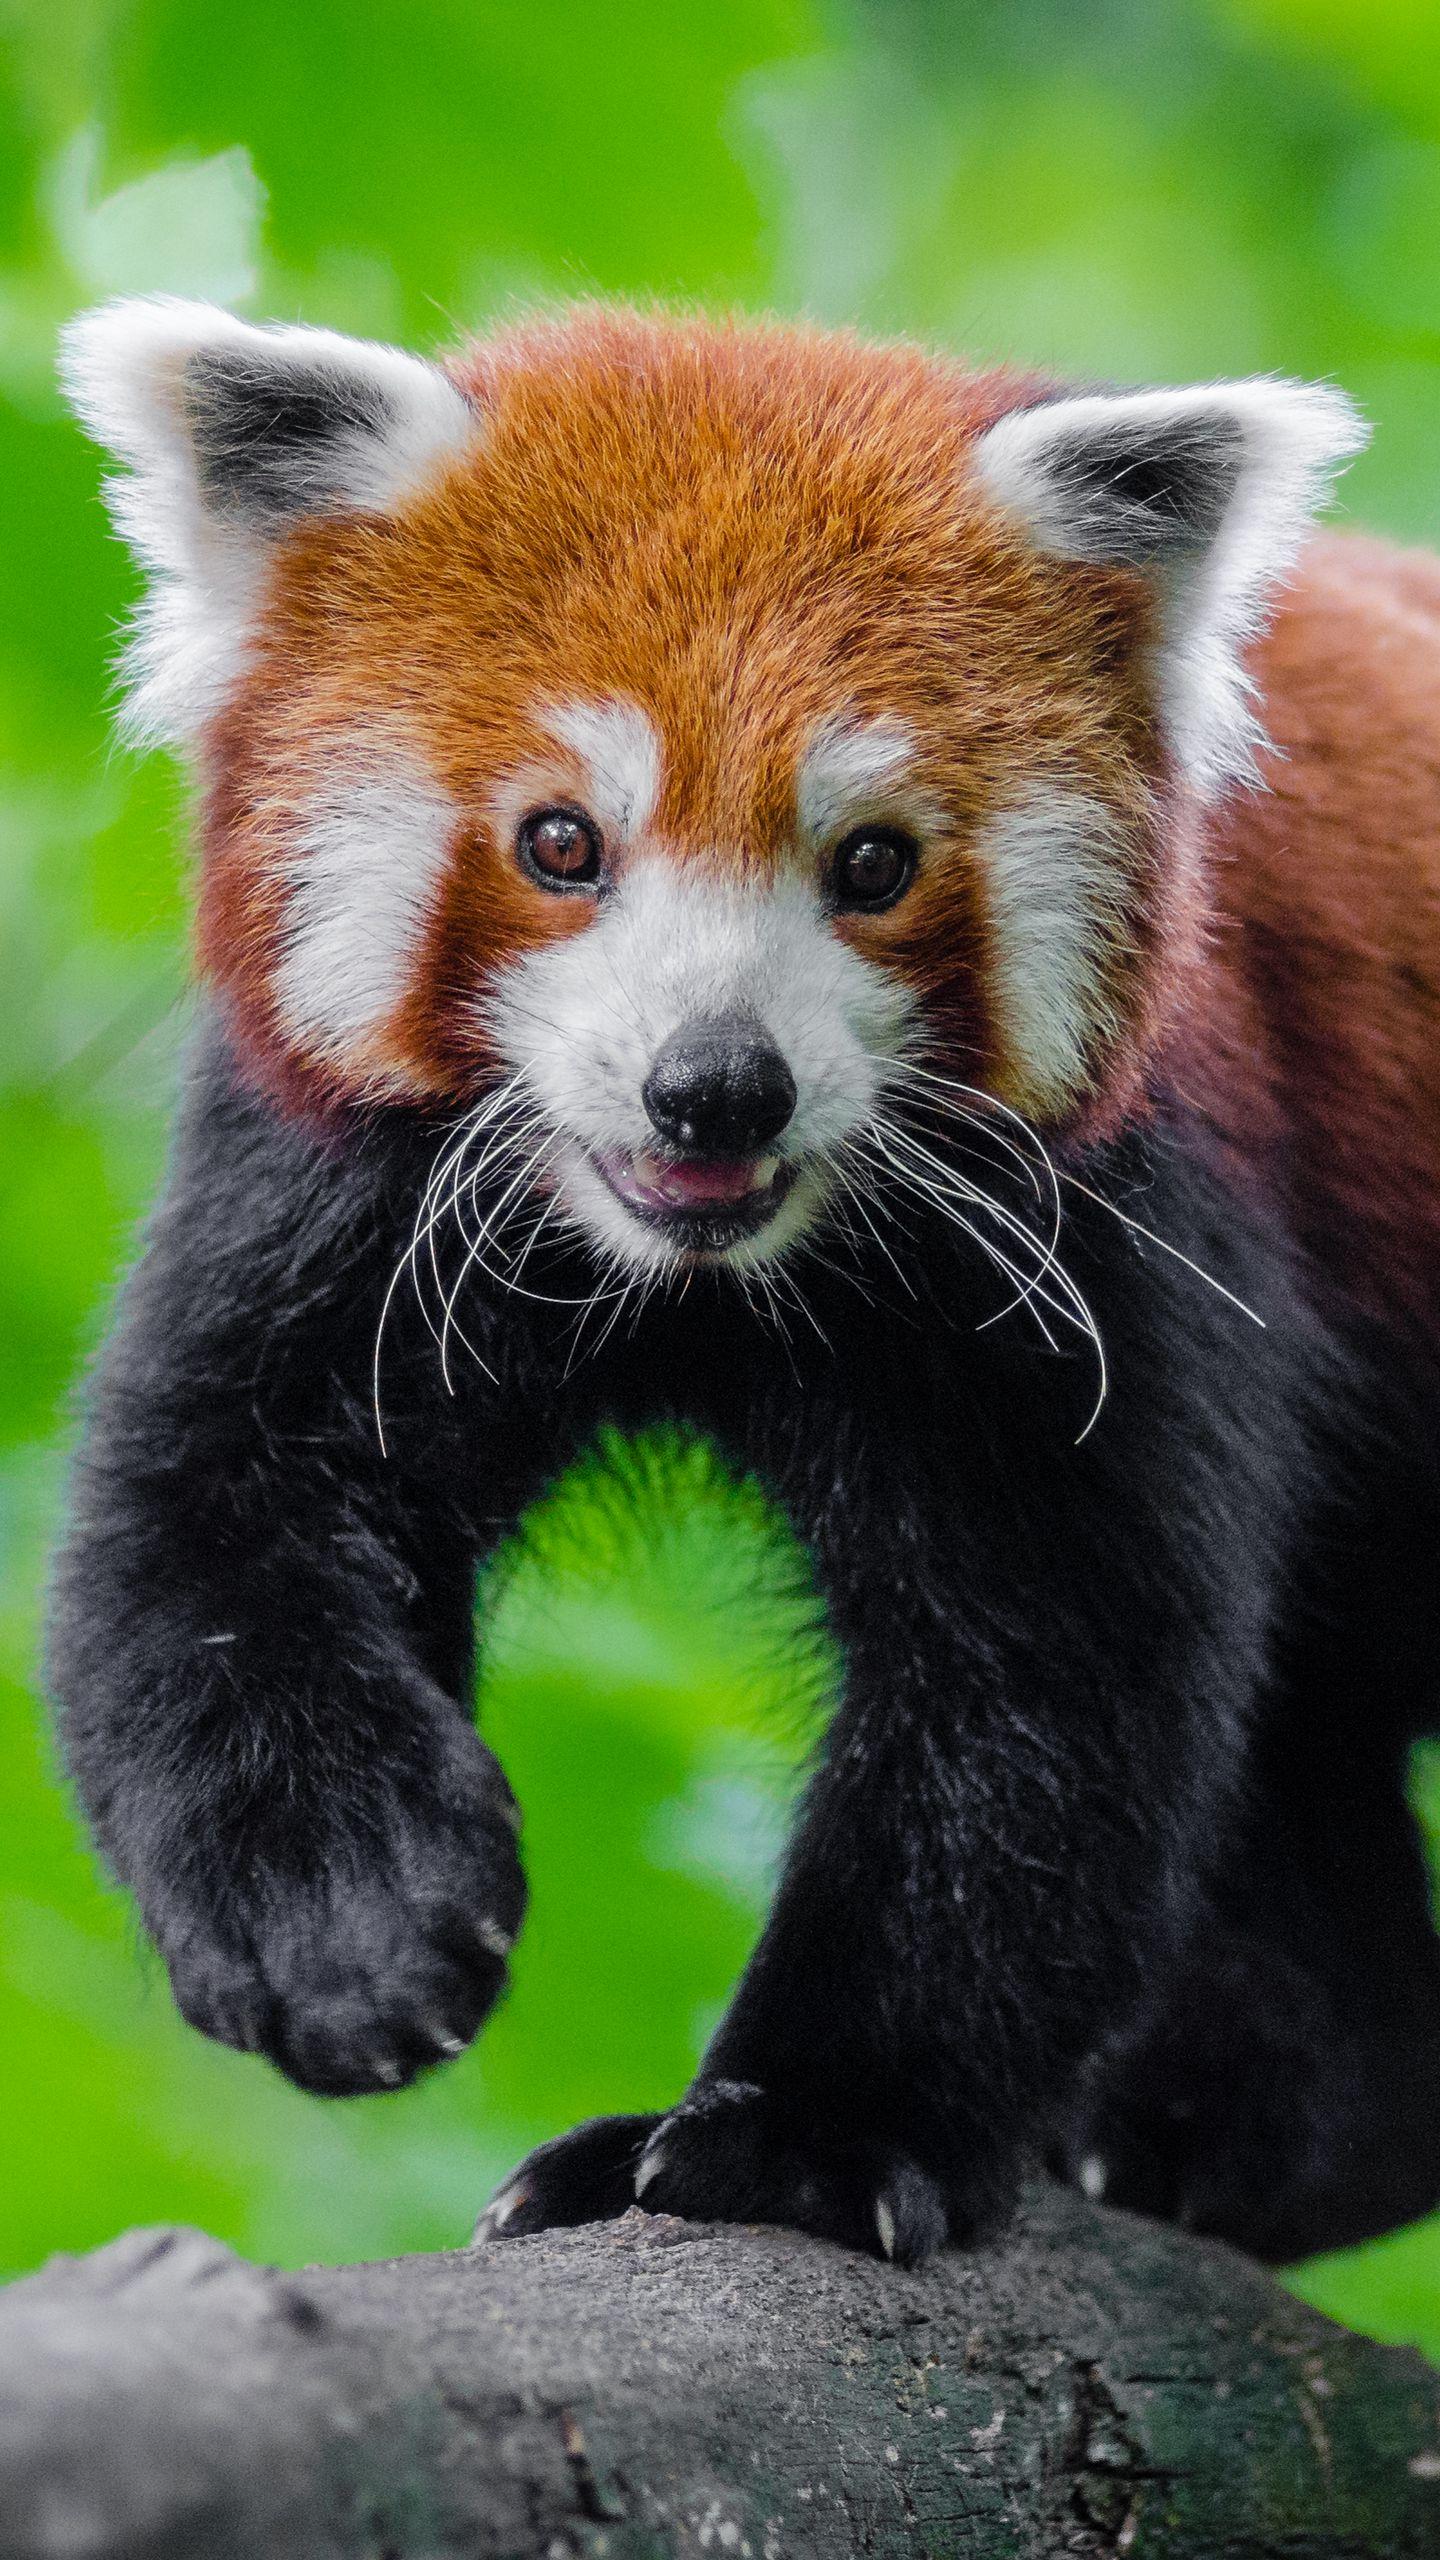 Red Panda Wallpaper Desktop Full Cute Red Panda Background